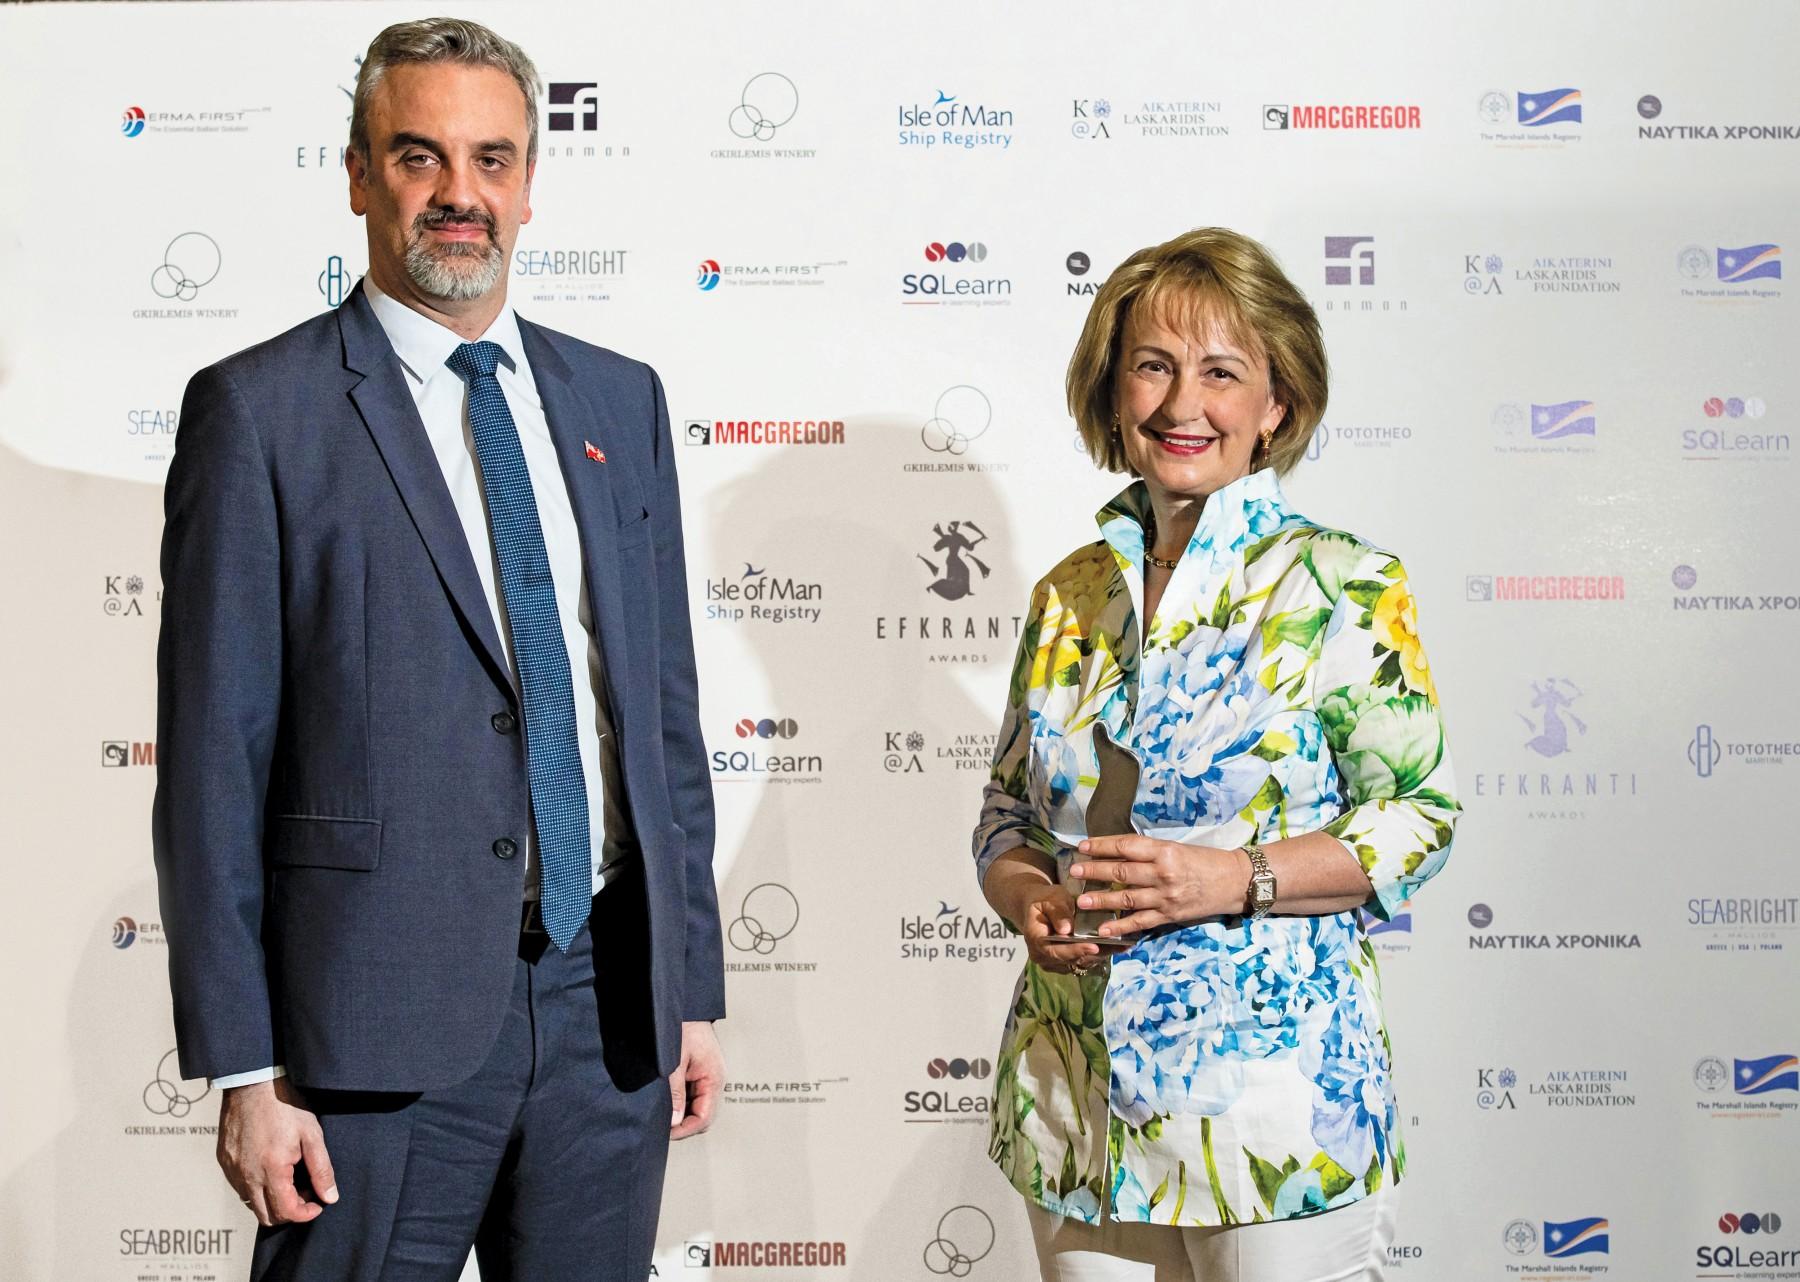 Η καθ. Τζελίνα Χαρλαύτη παραλαμβάνει το αγαλματίδιο Ευκράντη από τον κ. Κωνσταντίνο Μαχαίρα, Business Development Manager για την Ελλάδα του Nηολογίου Isle of Man.